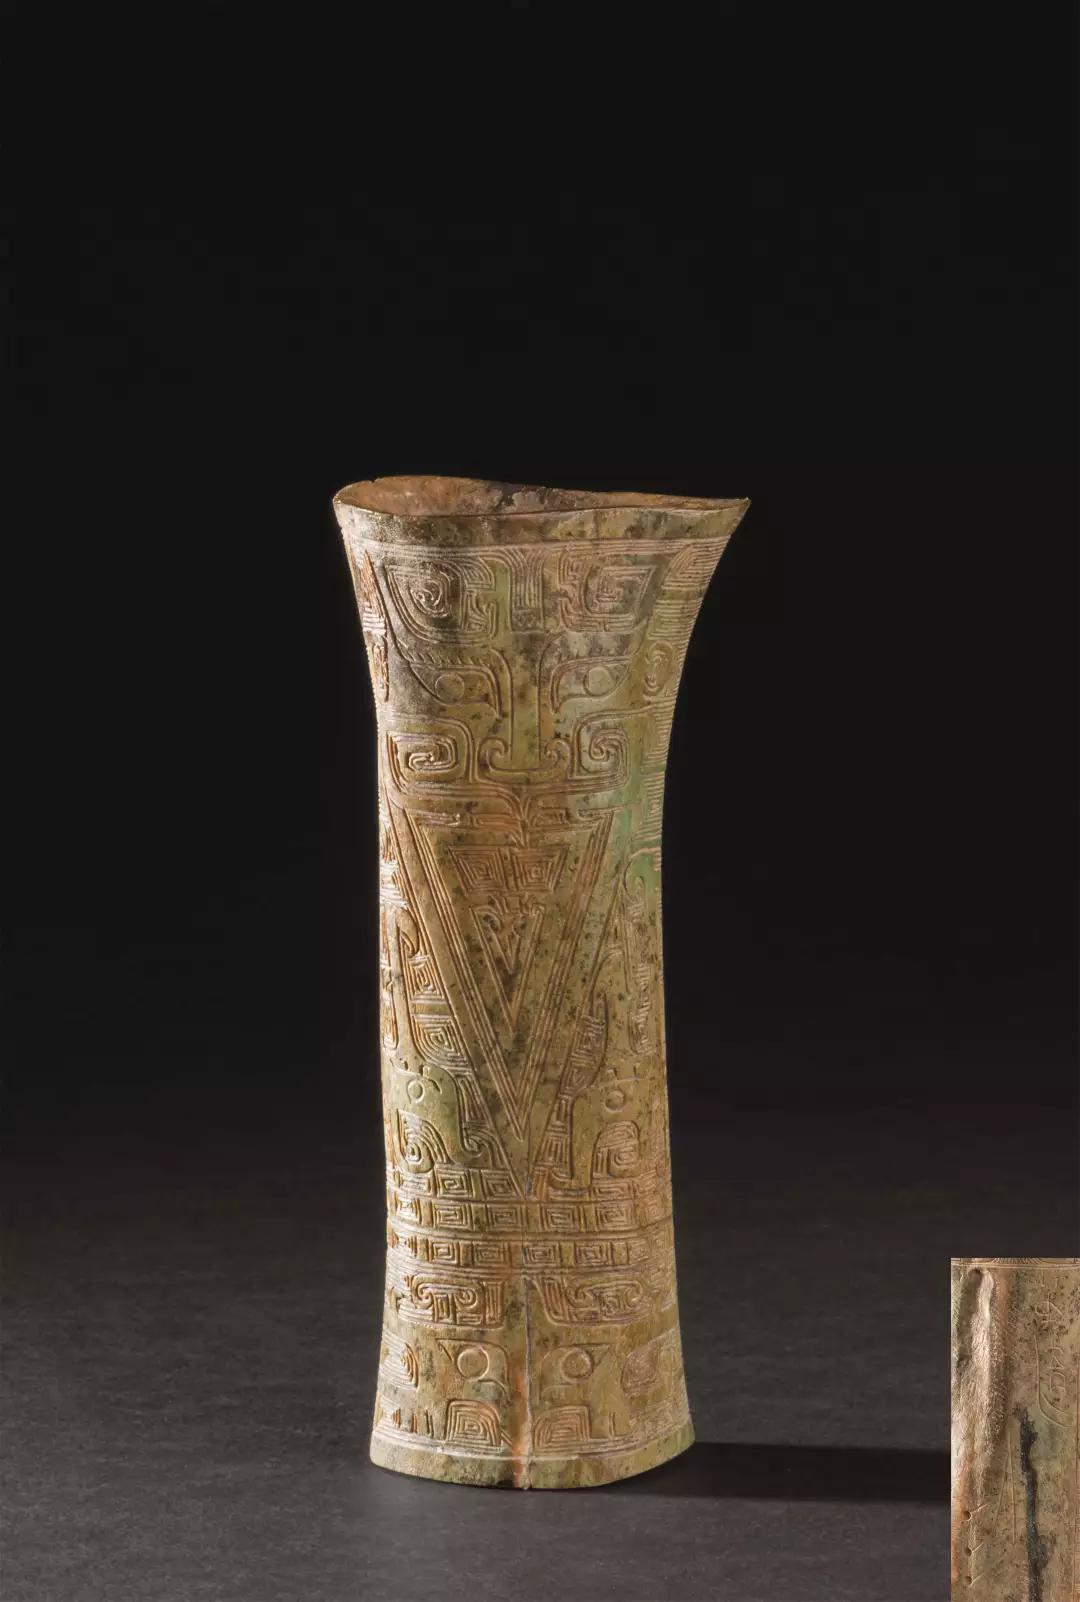 Lot 0140 十三世纪 帕拉鎏金佛座像